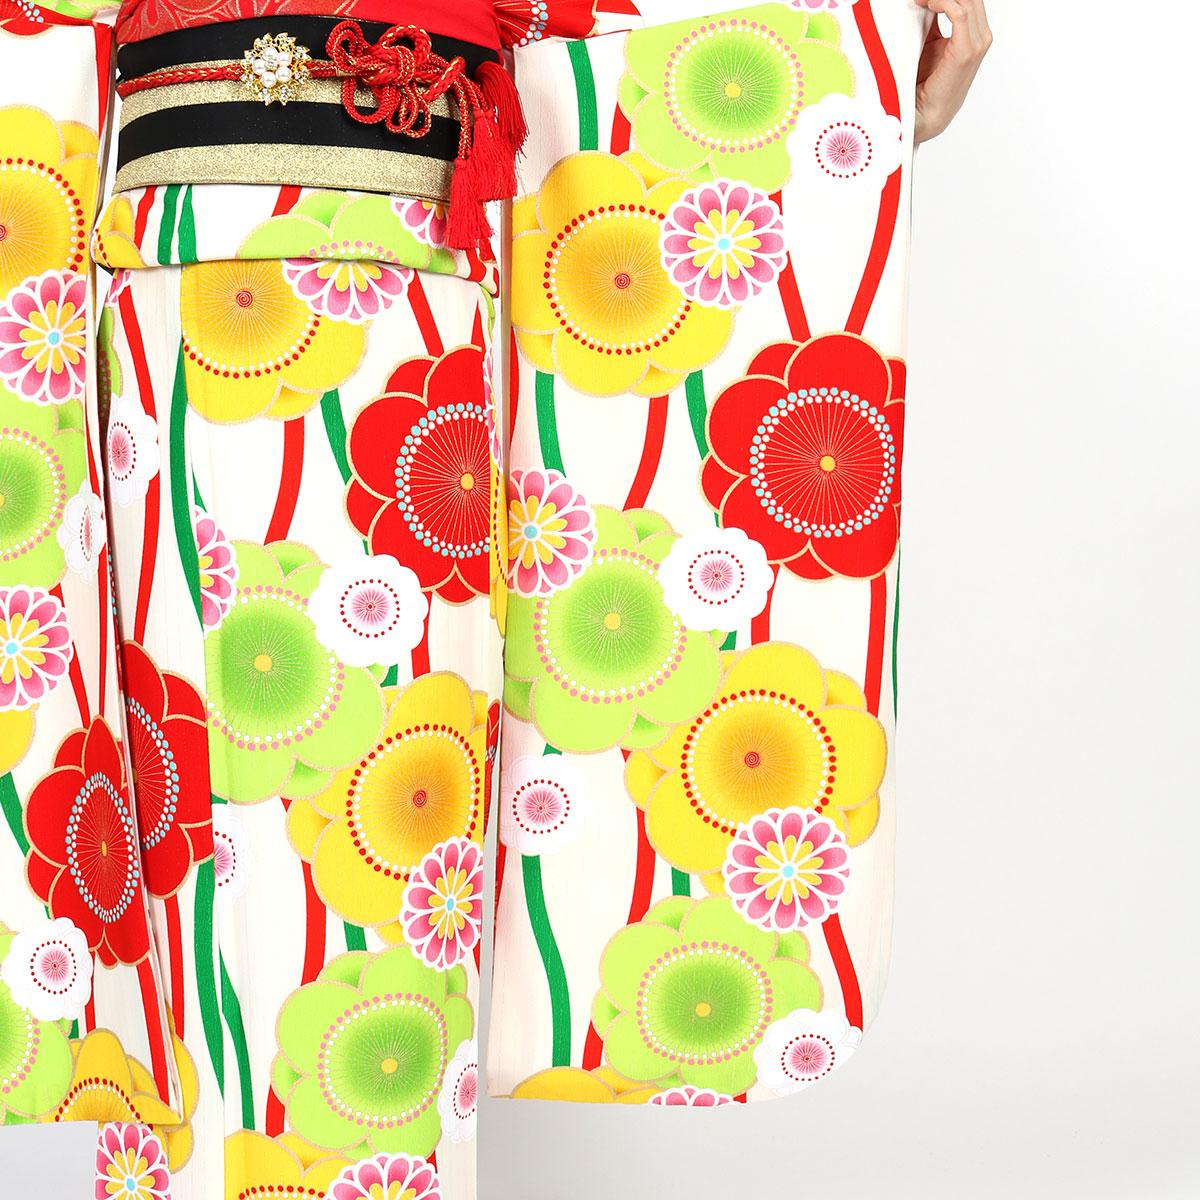 【成人式】 [安心の長期間レンタル]【対応身長155cm〜170cm】レンタル振袖フルセット-736 花柄 レトロ クール系 ポップキュート 黄色系